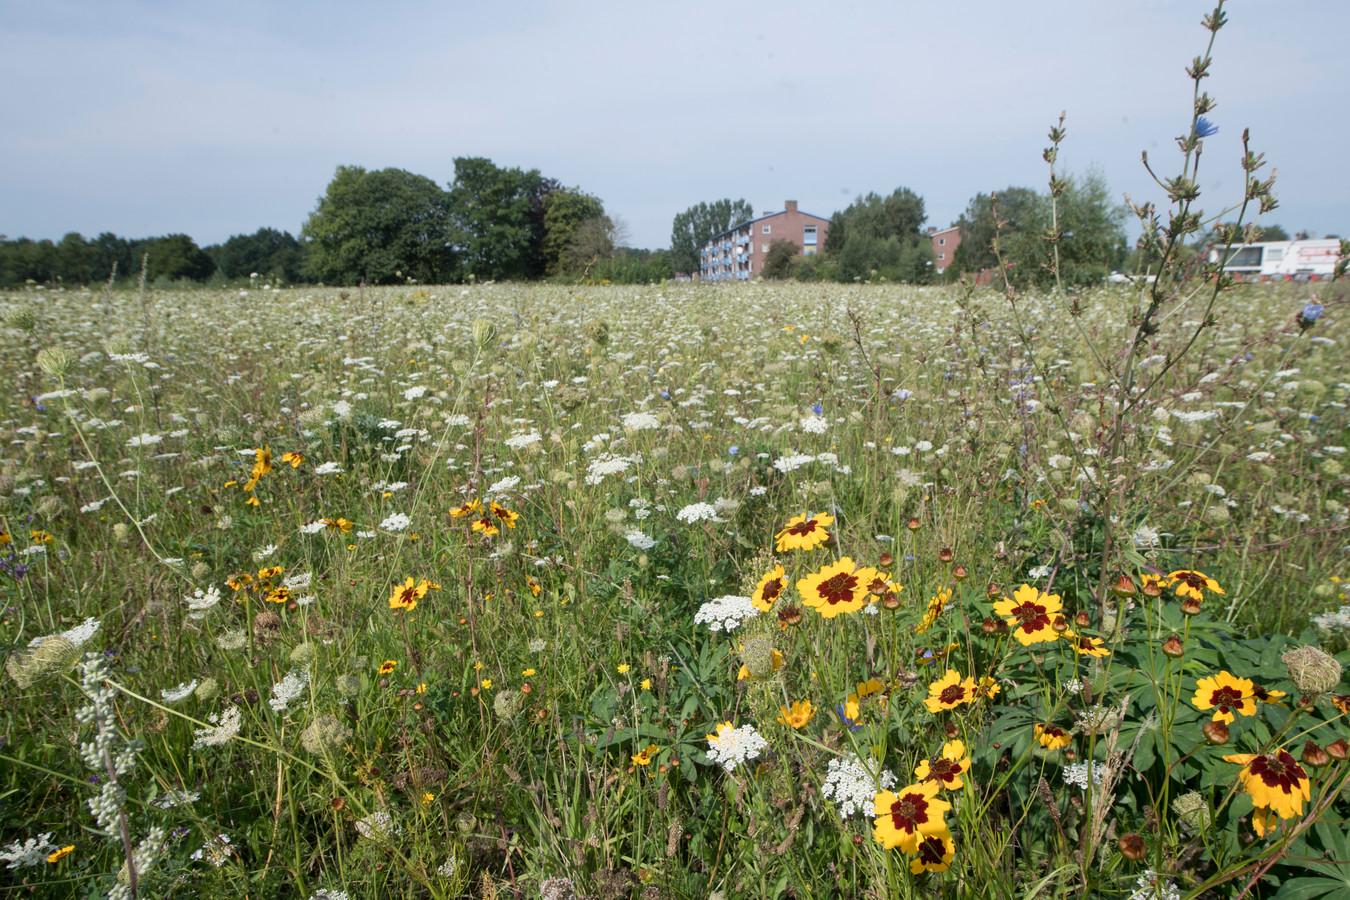 Het braakliggende stuk grond tussen de Henriëtte Roland Holstlaan, de Nijreessingel, de Weezebeek en Bornebroeksestraat, waar Hornbach moet komen.